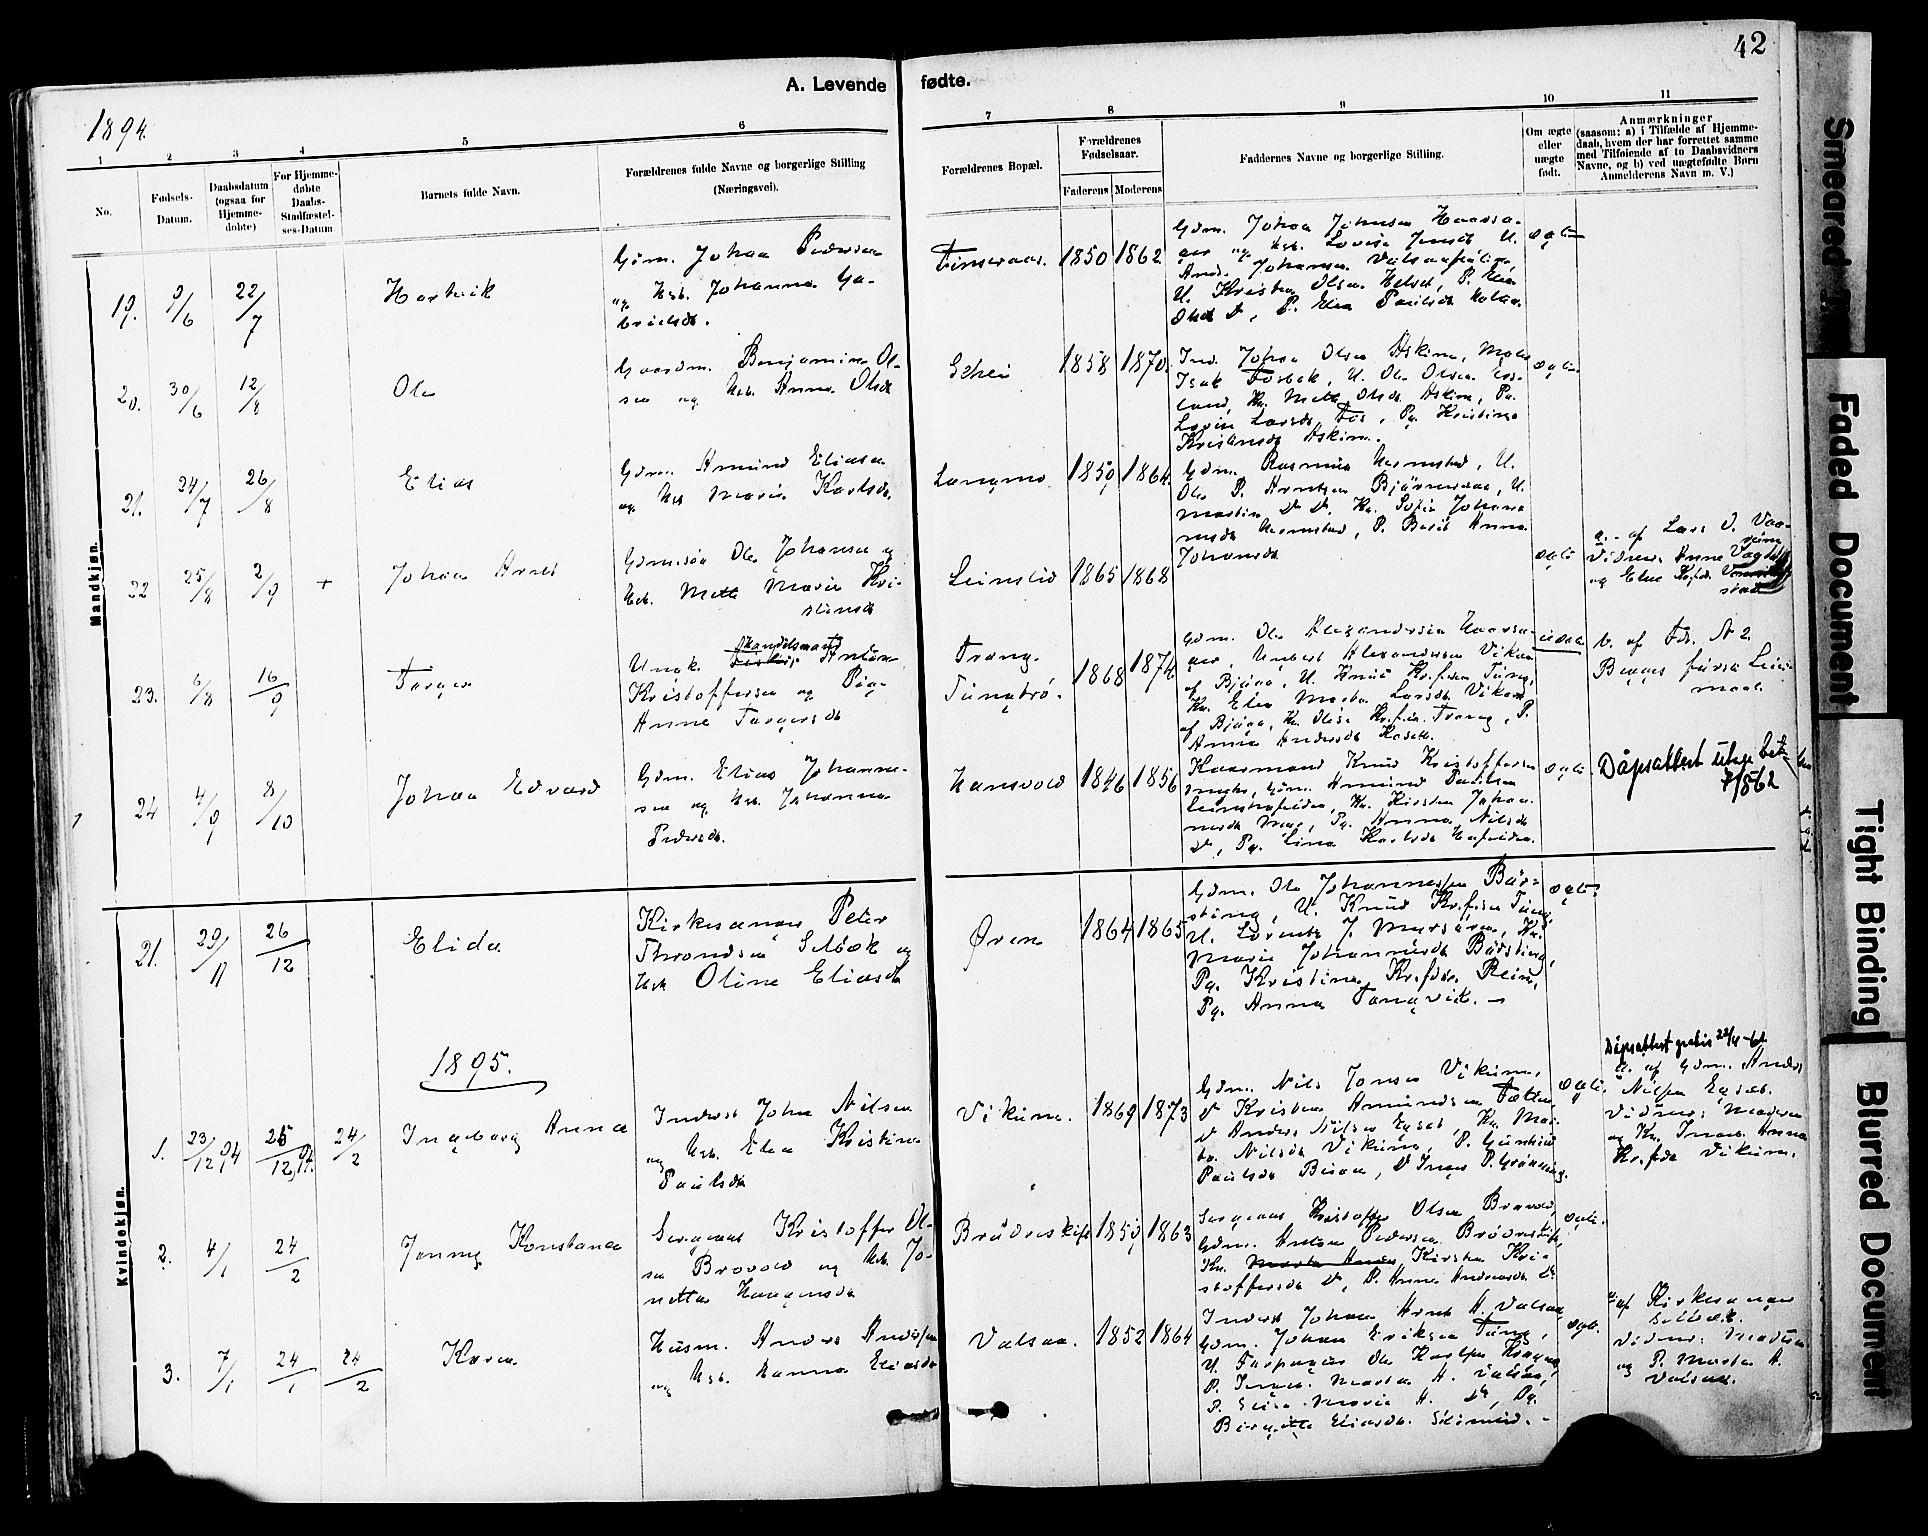 SAT, Ministerialprotokoller, klokkerbøker og fødselsregistre - Sør-Trøndelag, 646/L0615: Ministerialbok nr. 646A13, 1885-1900, s. 42